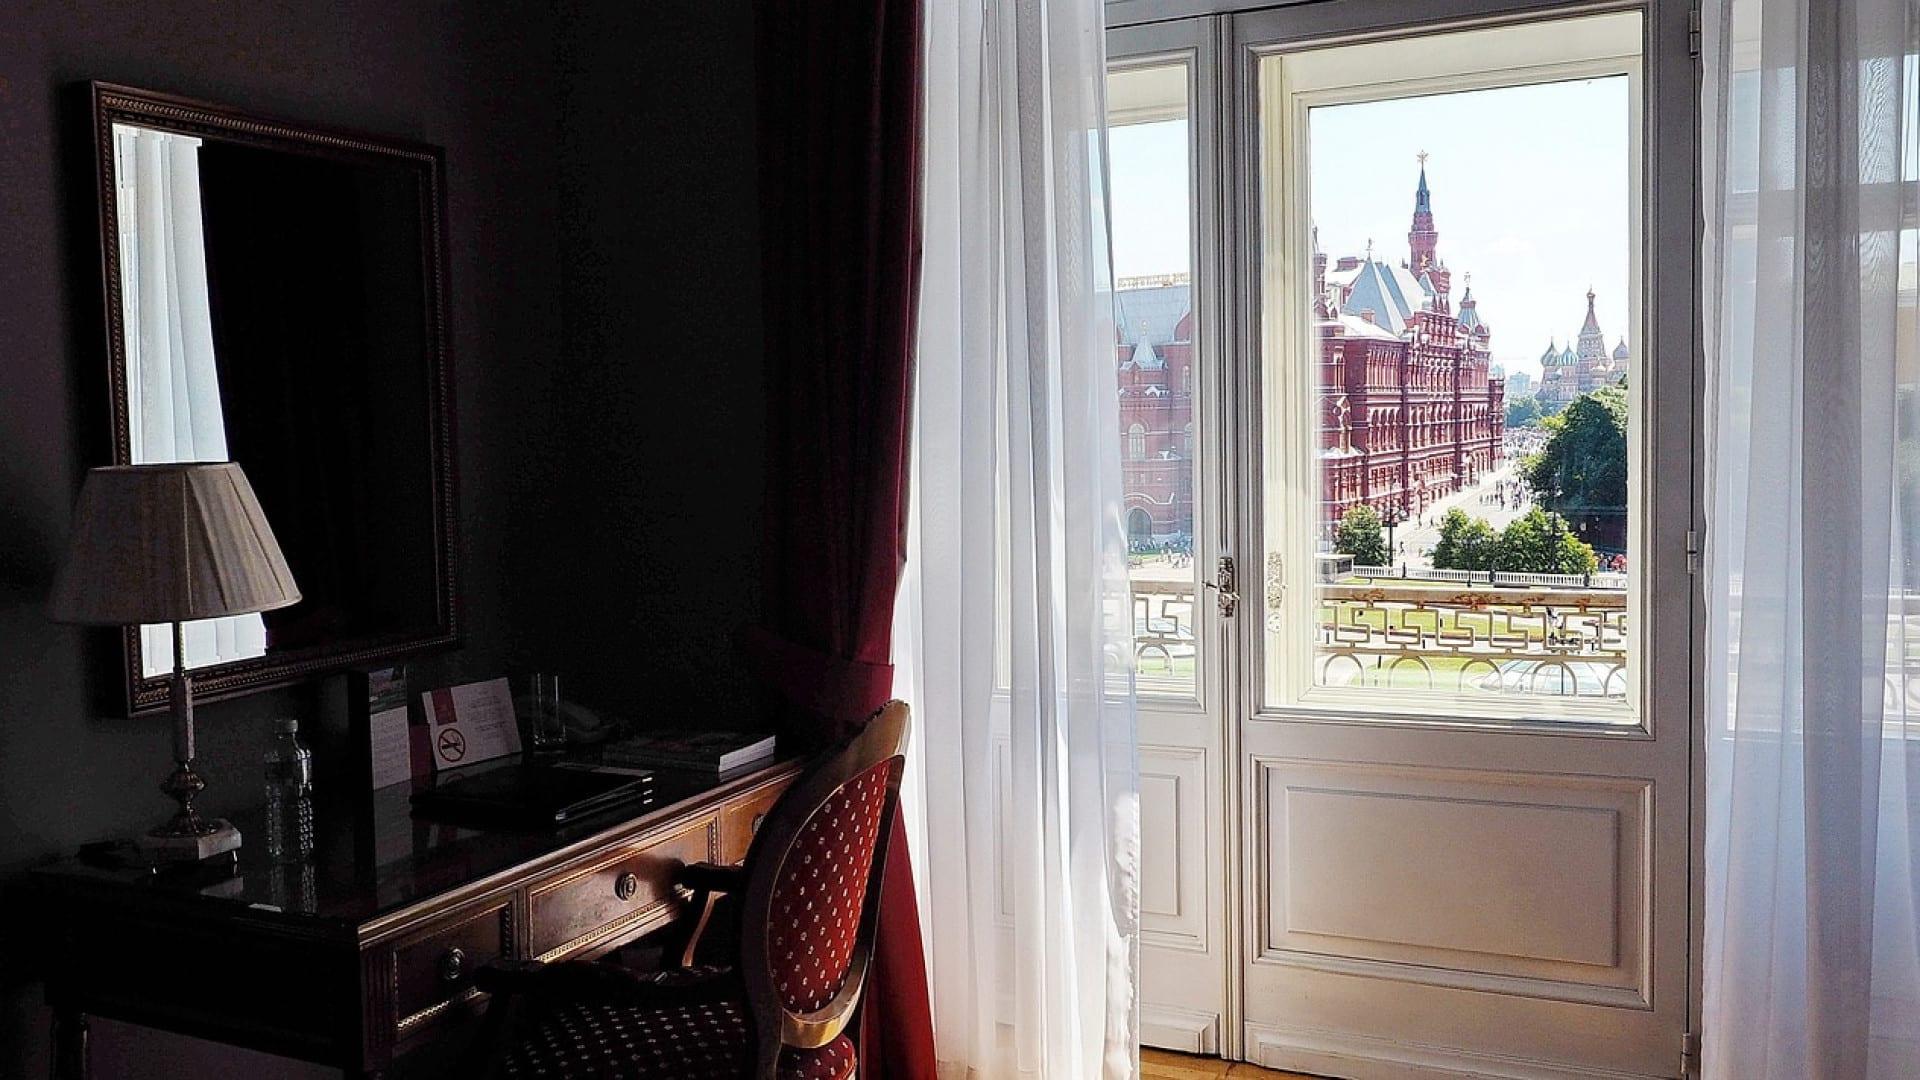 Rideaux pour fenêtres, comment choisir les bons ?